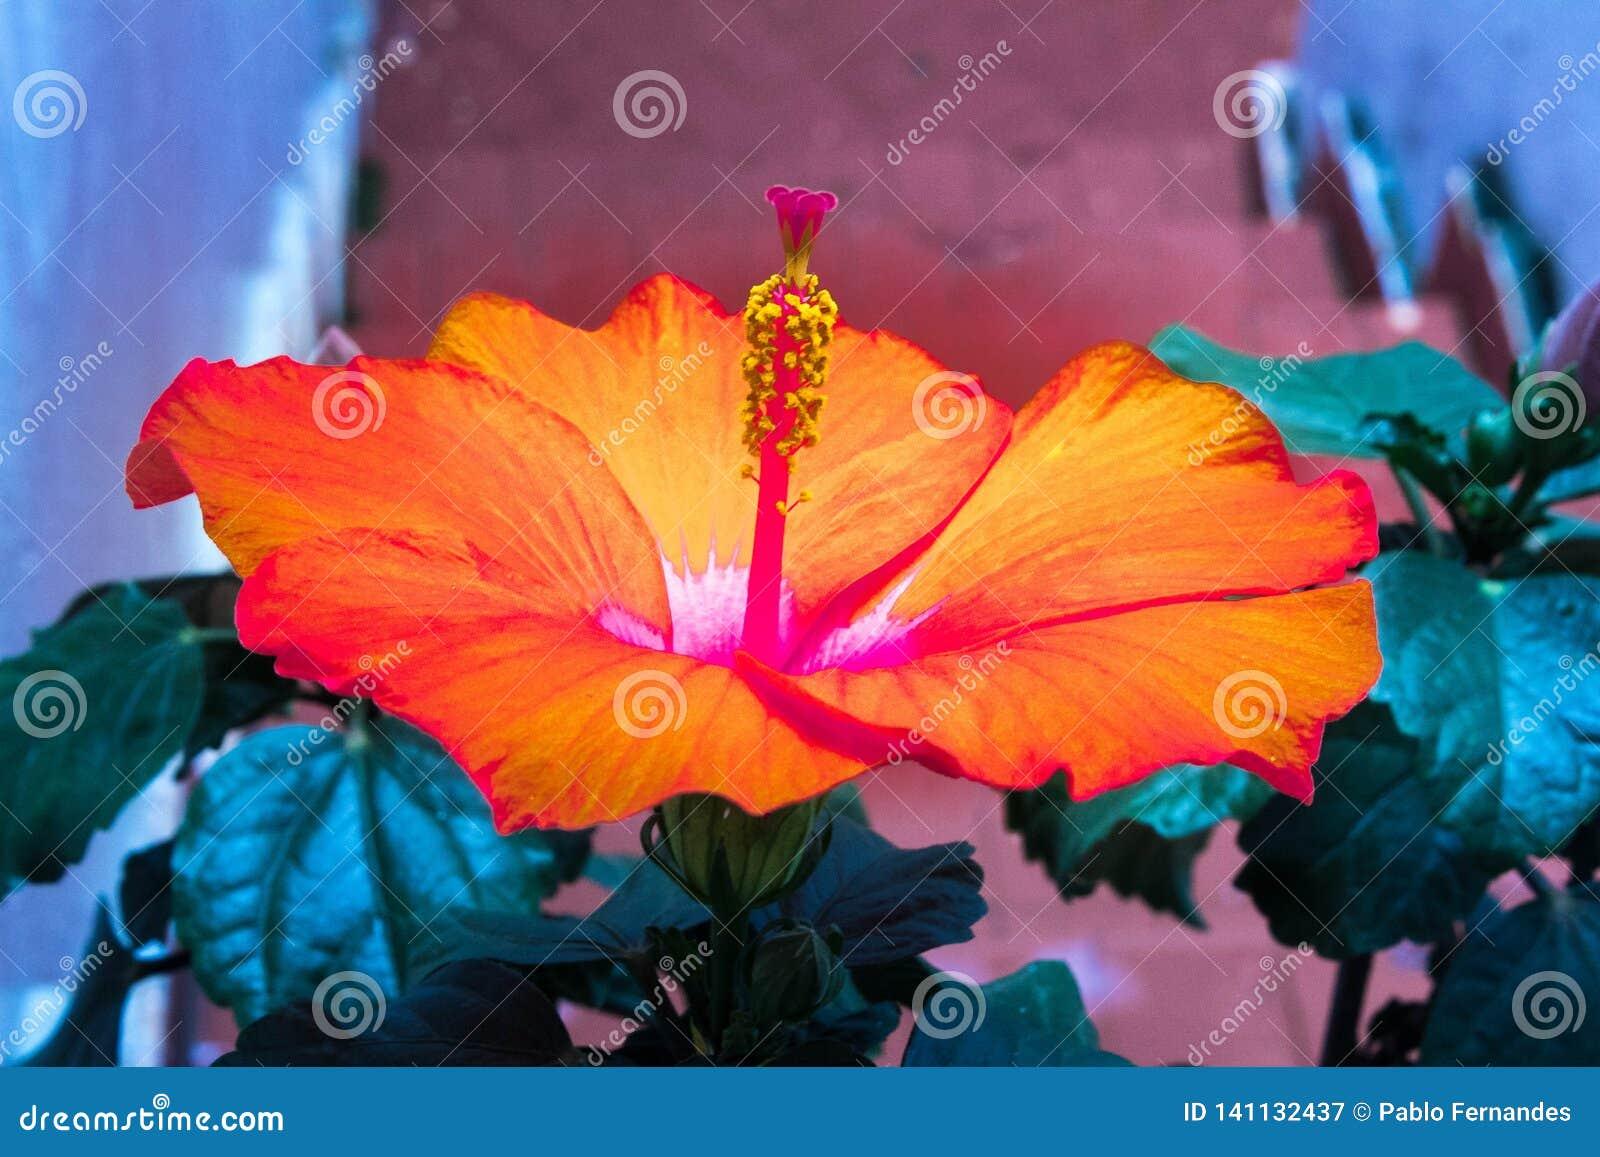 Оранжевый цветок гибискуса в саде дома